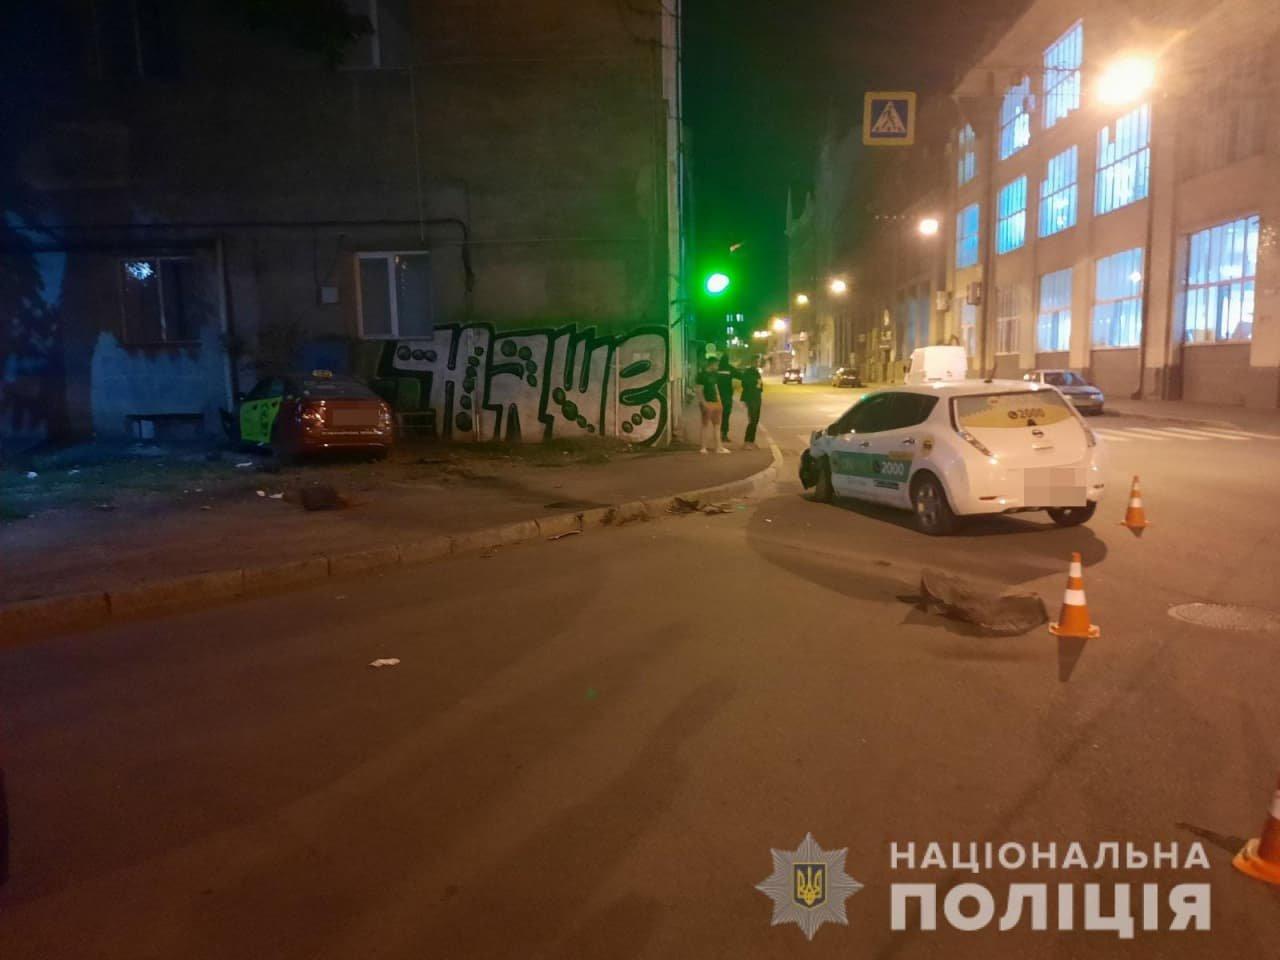 На перекрестке в Харькове столкнулись два такси: одна из машин въехала в дом, пострадали женщина и 3-летний ребенок, - ФОТО, фото-2